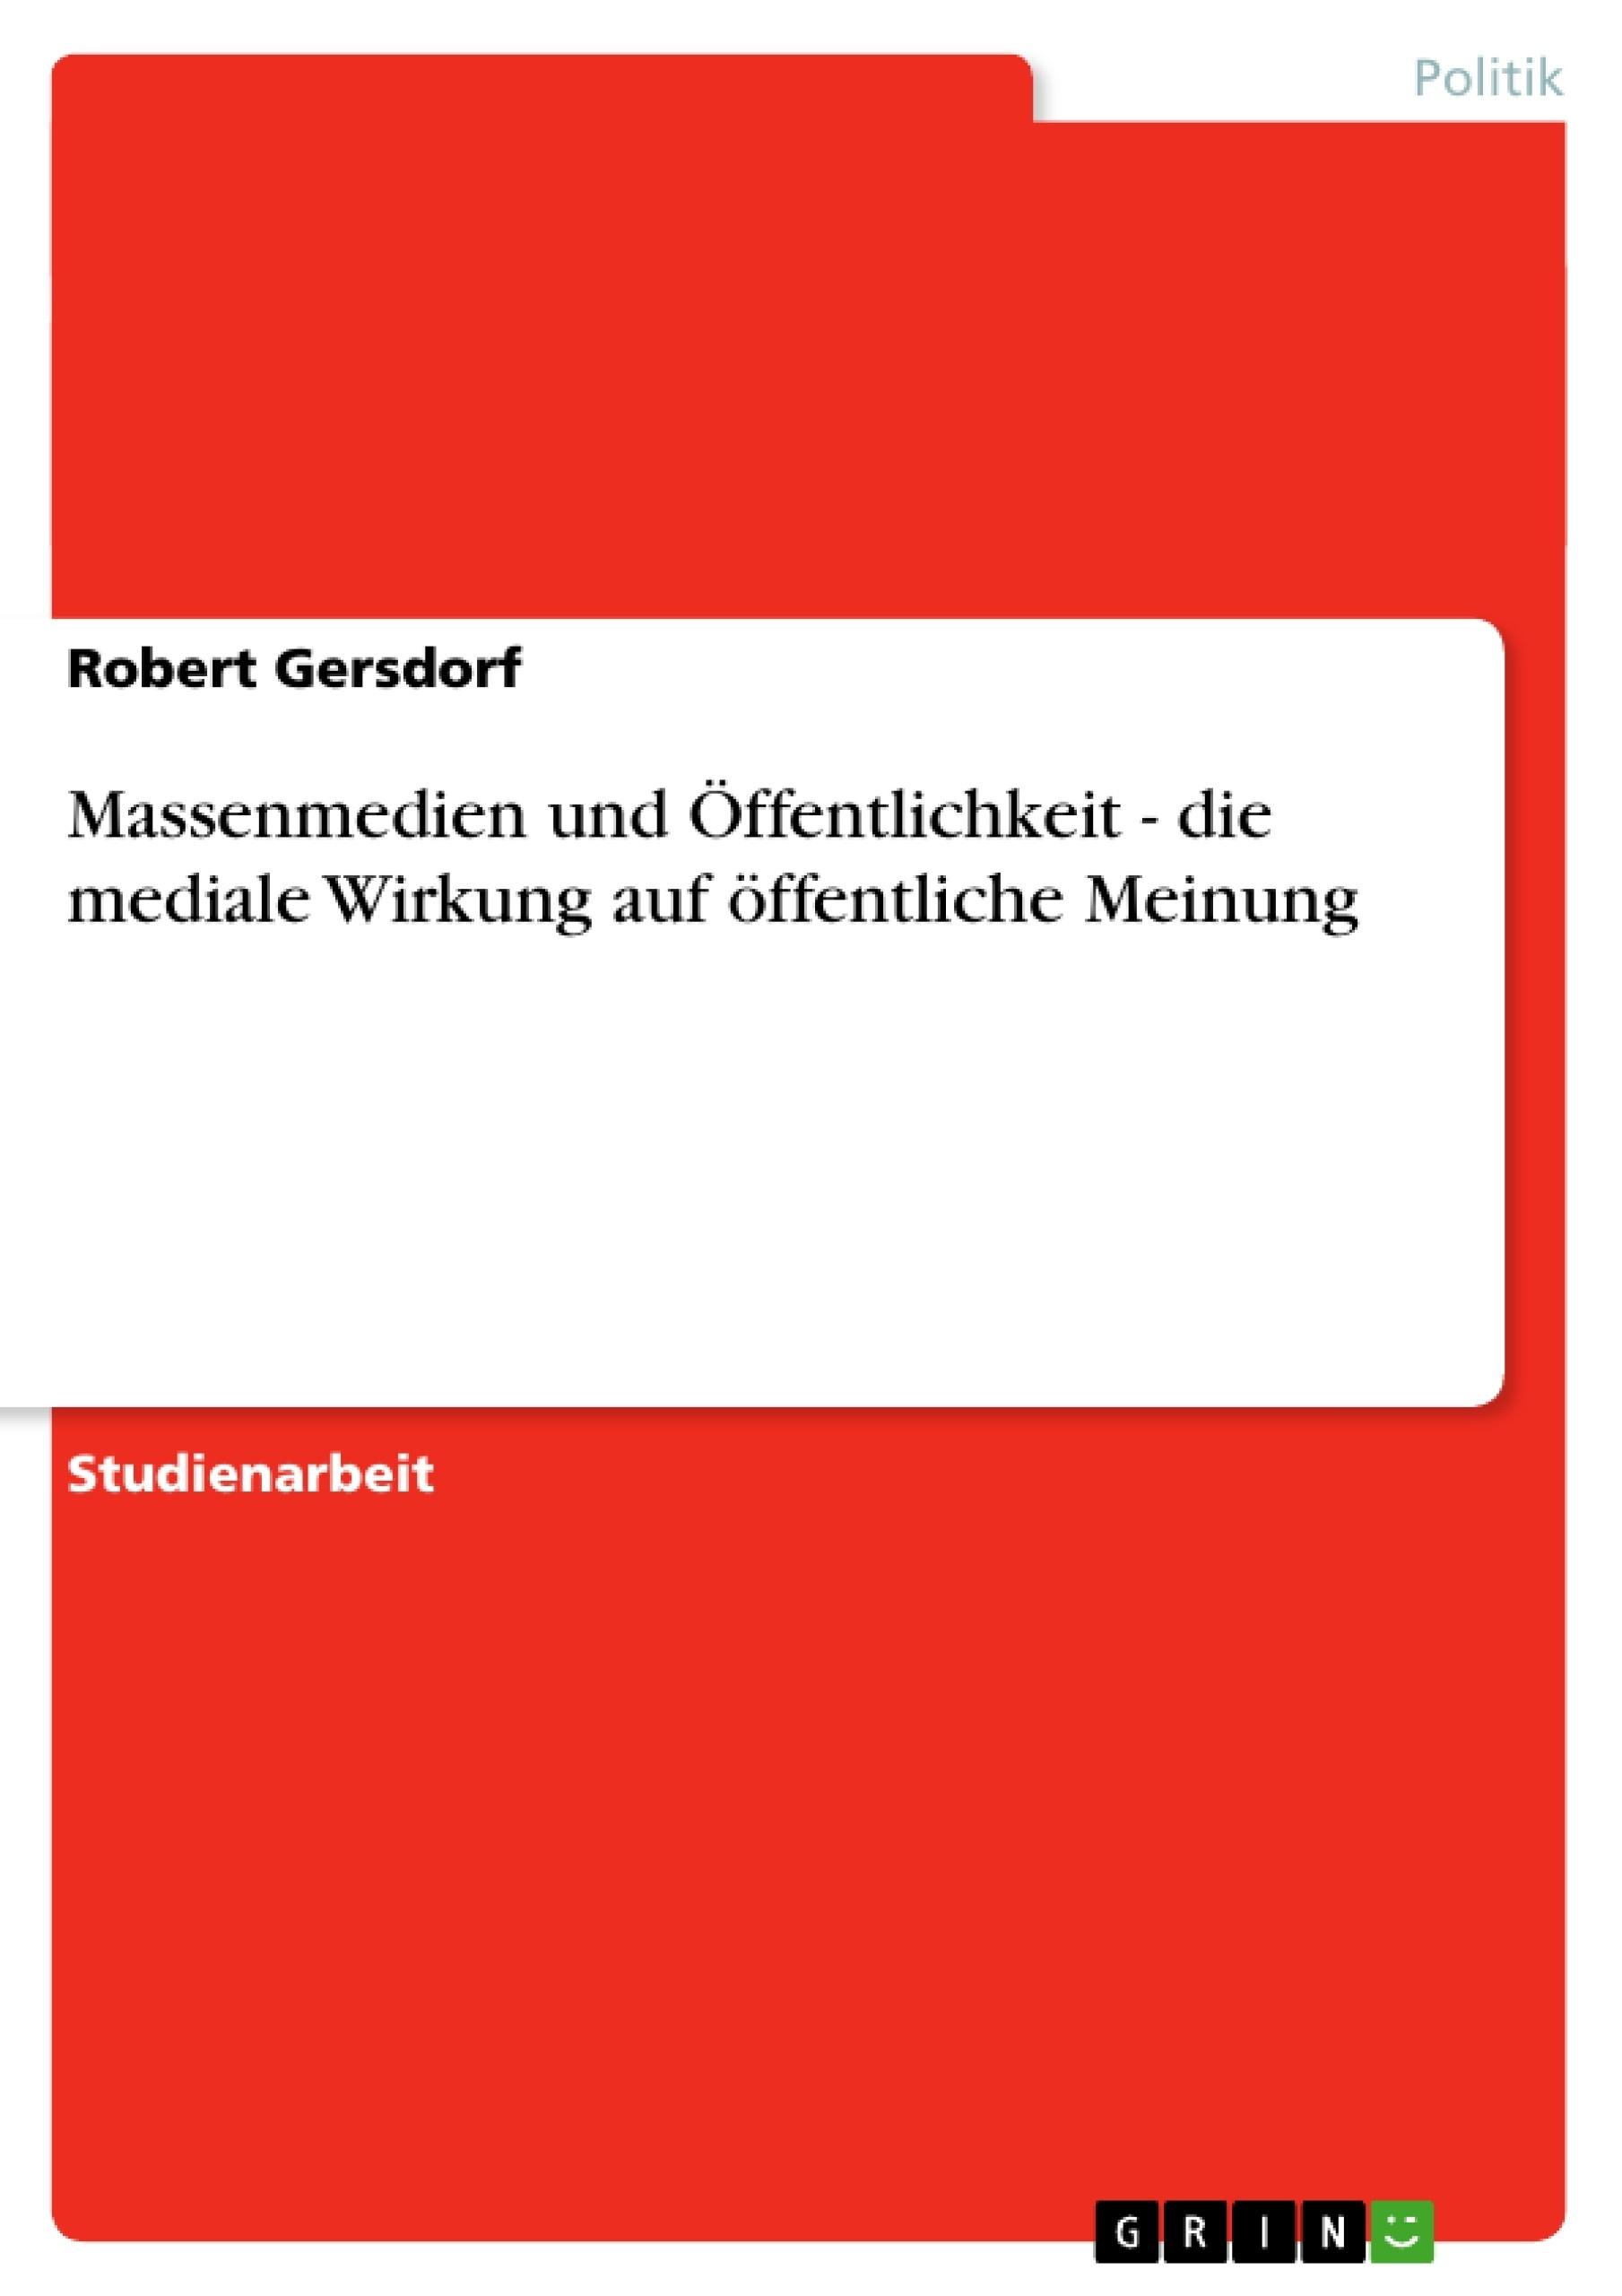 Titel: Massenmedien und Öffentlichkeit - die mediale Wirkung auf öffentliche Meinung